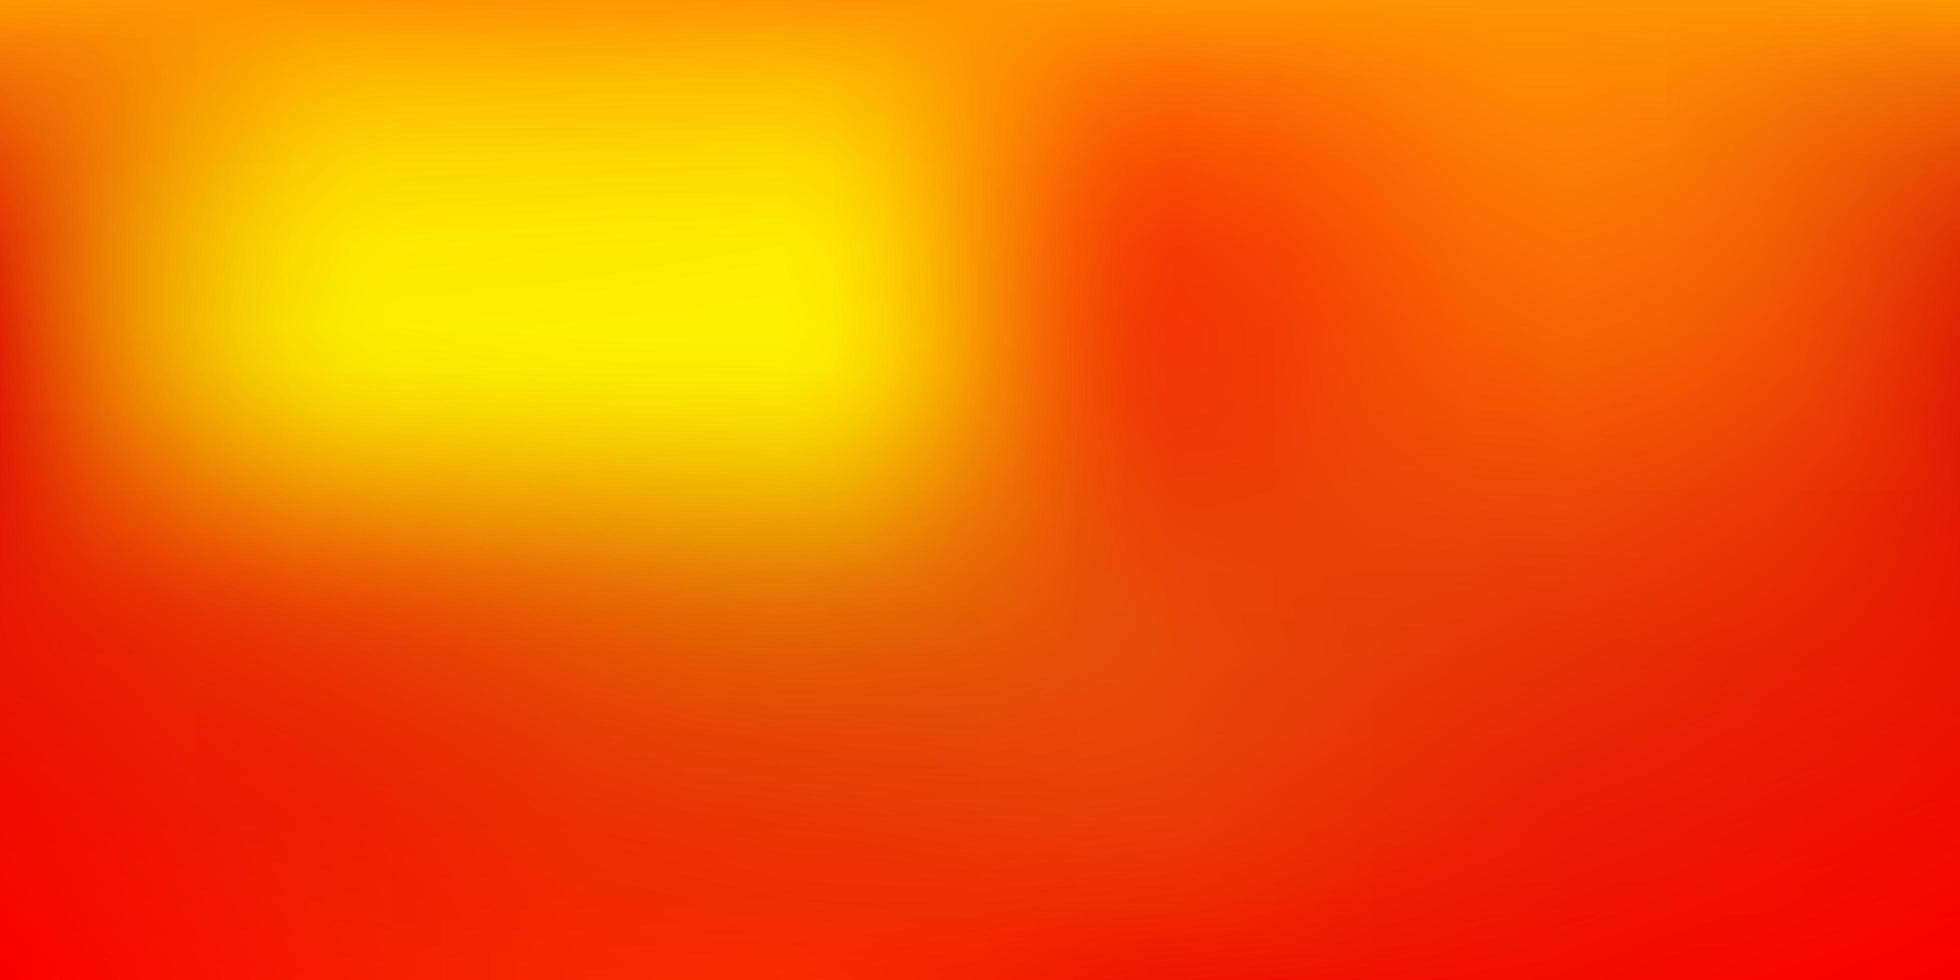 vector amarillo oscuro fondo borroso.